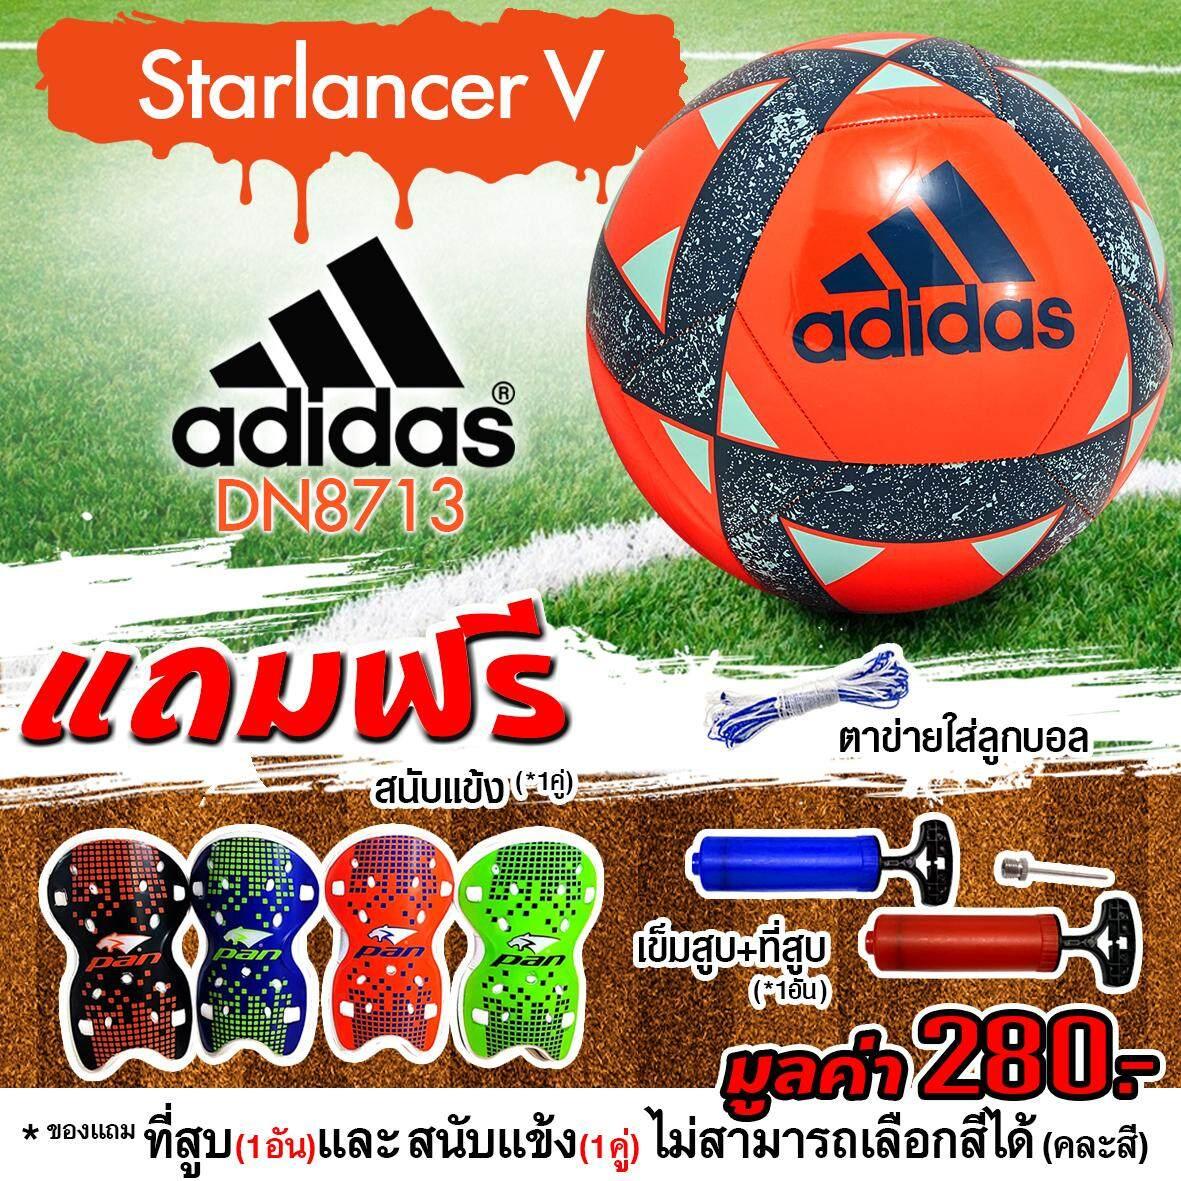 การใช้งาน  นราธิวาส Adidas ฟุตบอล หนัง อดิดาส Football  Starlancer V DN8713 (500) แถมฟรี ตาข่ายใส่ลูกฟุตบอล + เข็มสูบสูบลม + สูบมือ HP-04 + สนับแข้ง Shin Guard Pan PSS025(280)